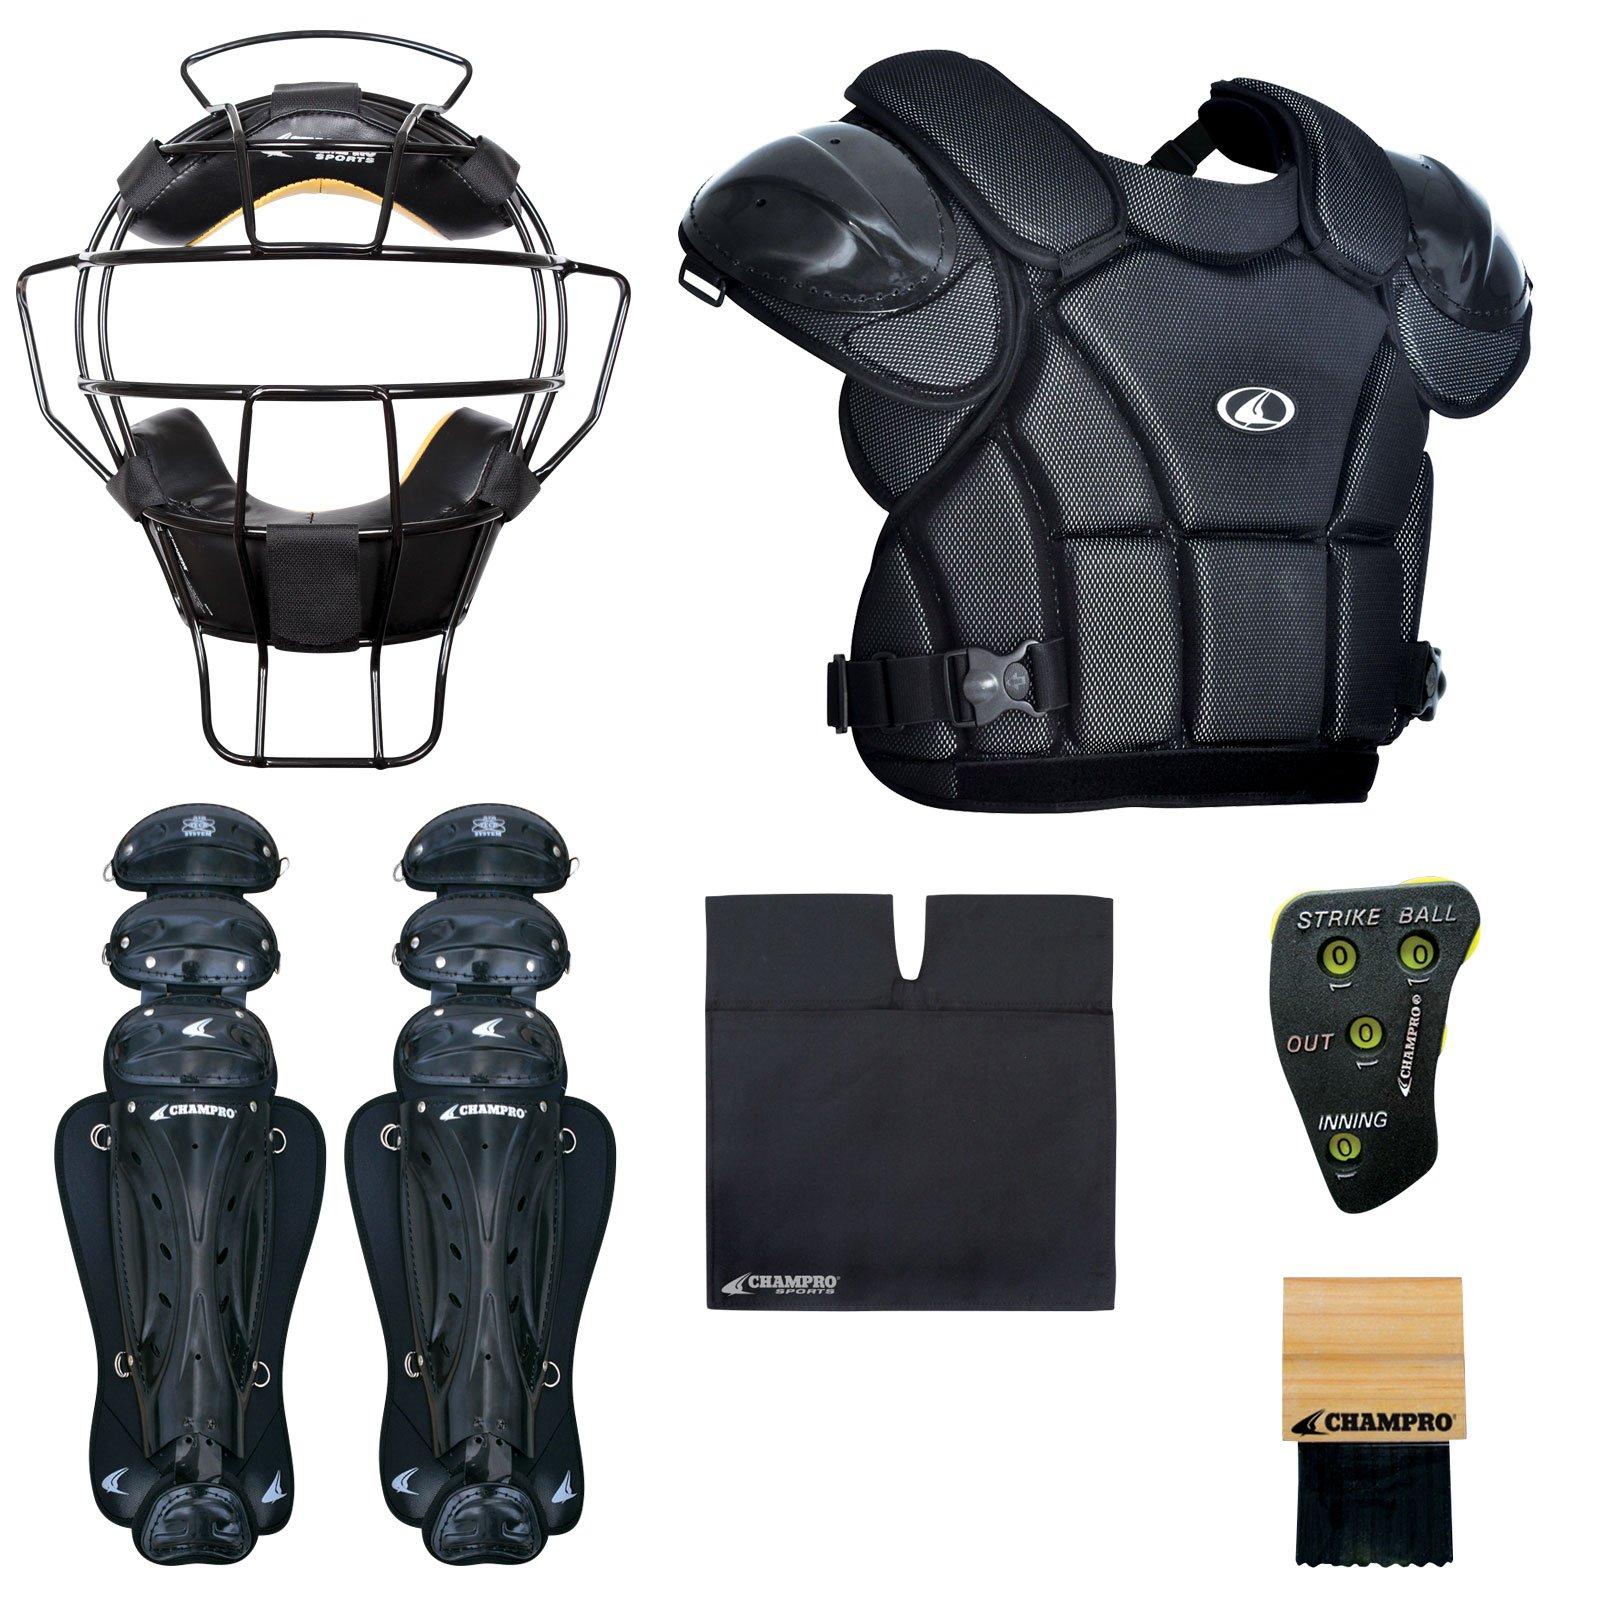 Champro Sports Varsity Umpire KIT-BLACK Black